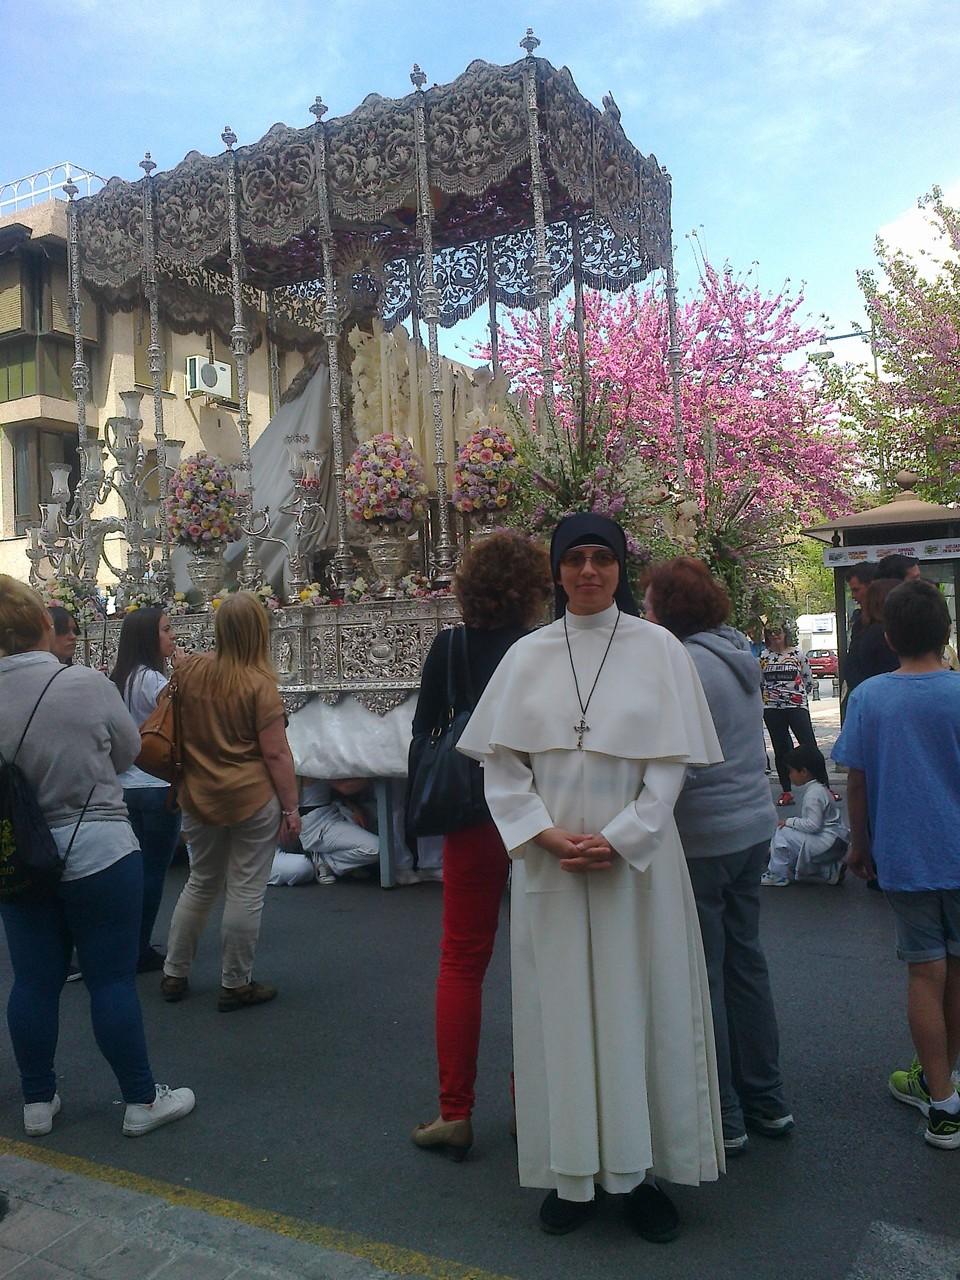 Participando en la procesiones de Semana Santa en Granada.